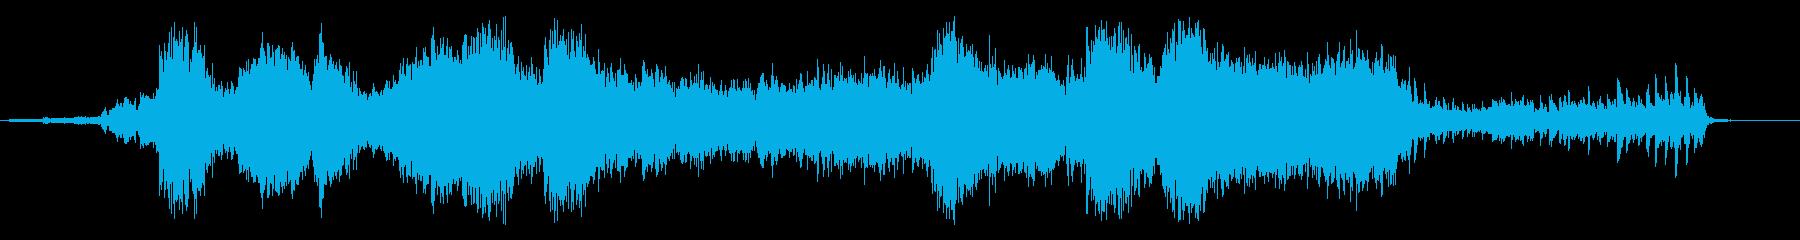 ホラーアンビエントの再生済みの波形